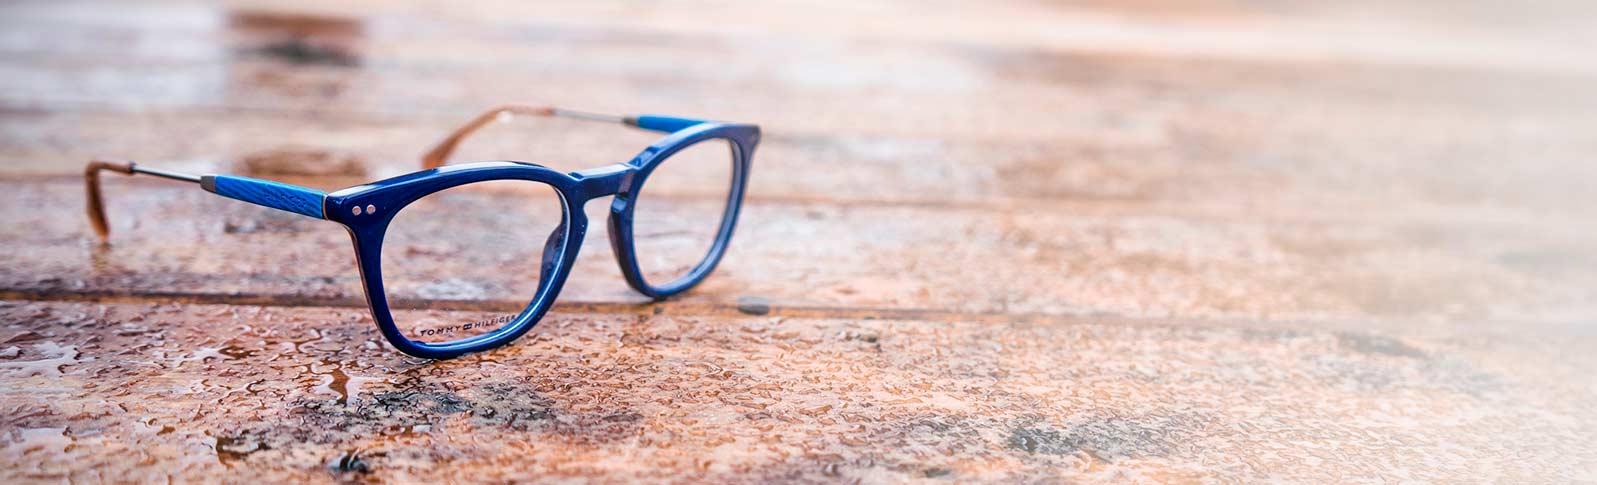 briller fra tommy hilfiger som ligger på en våt veranda